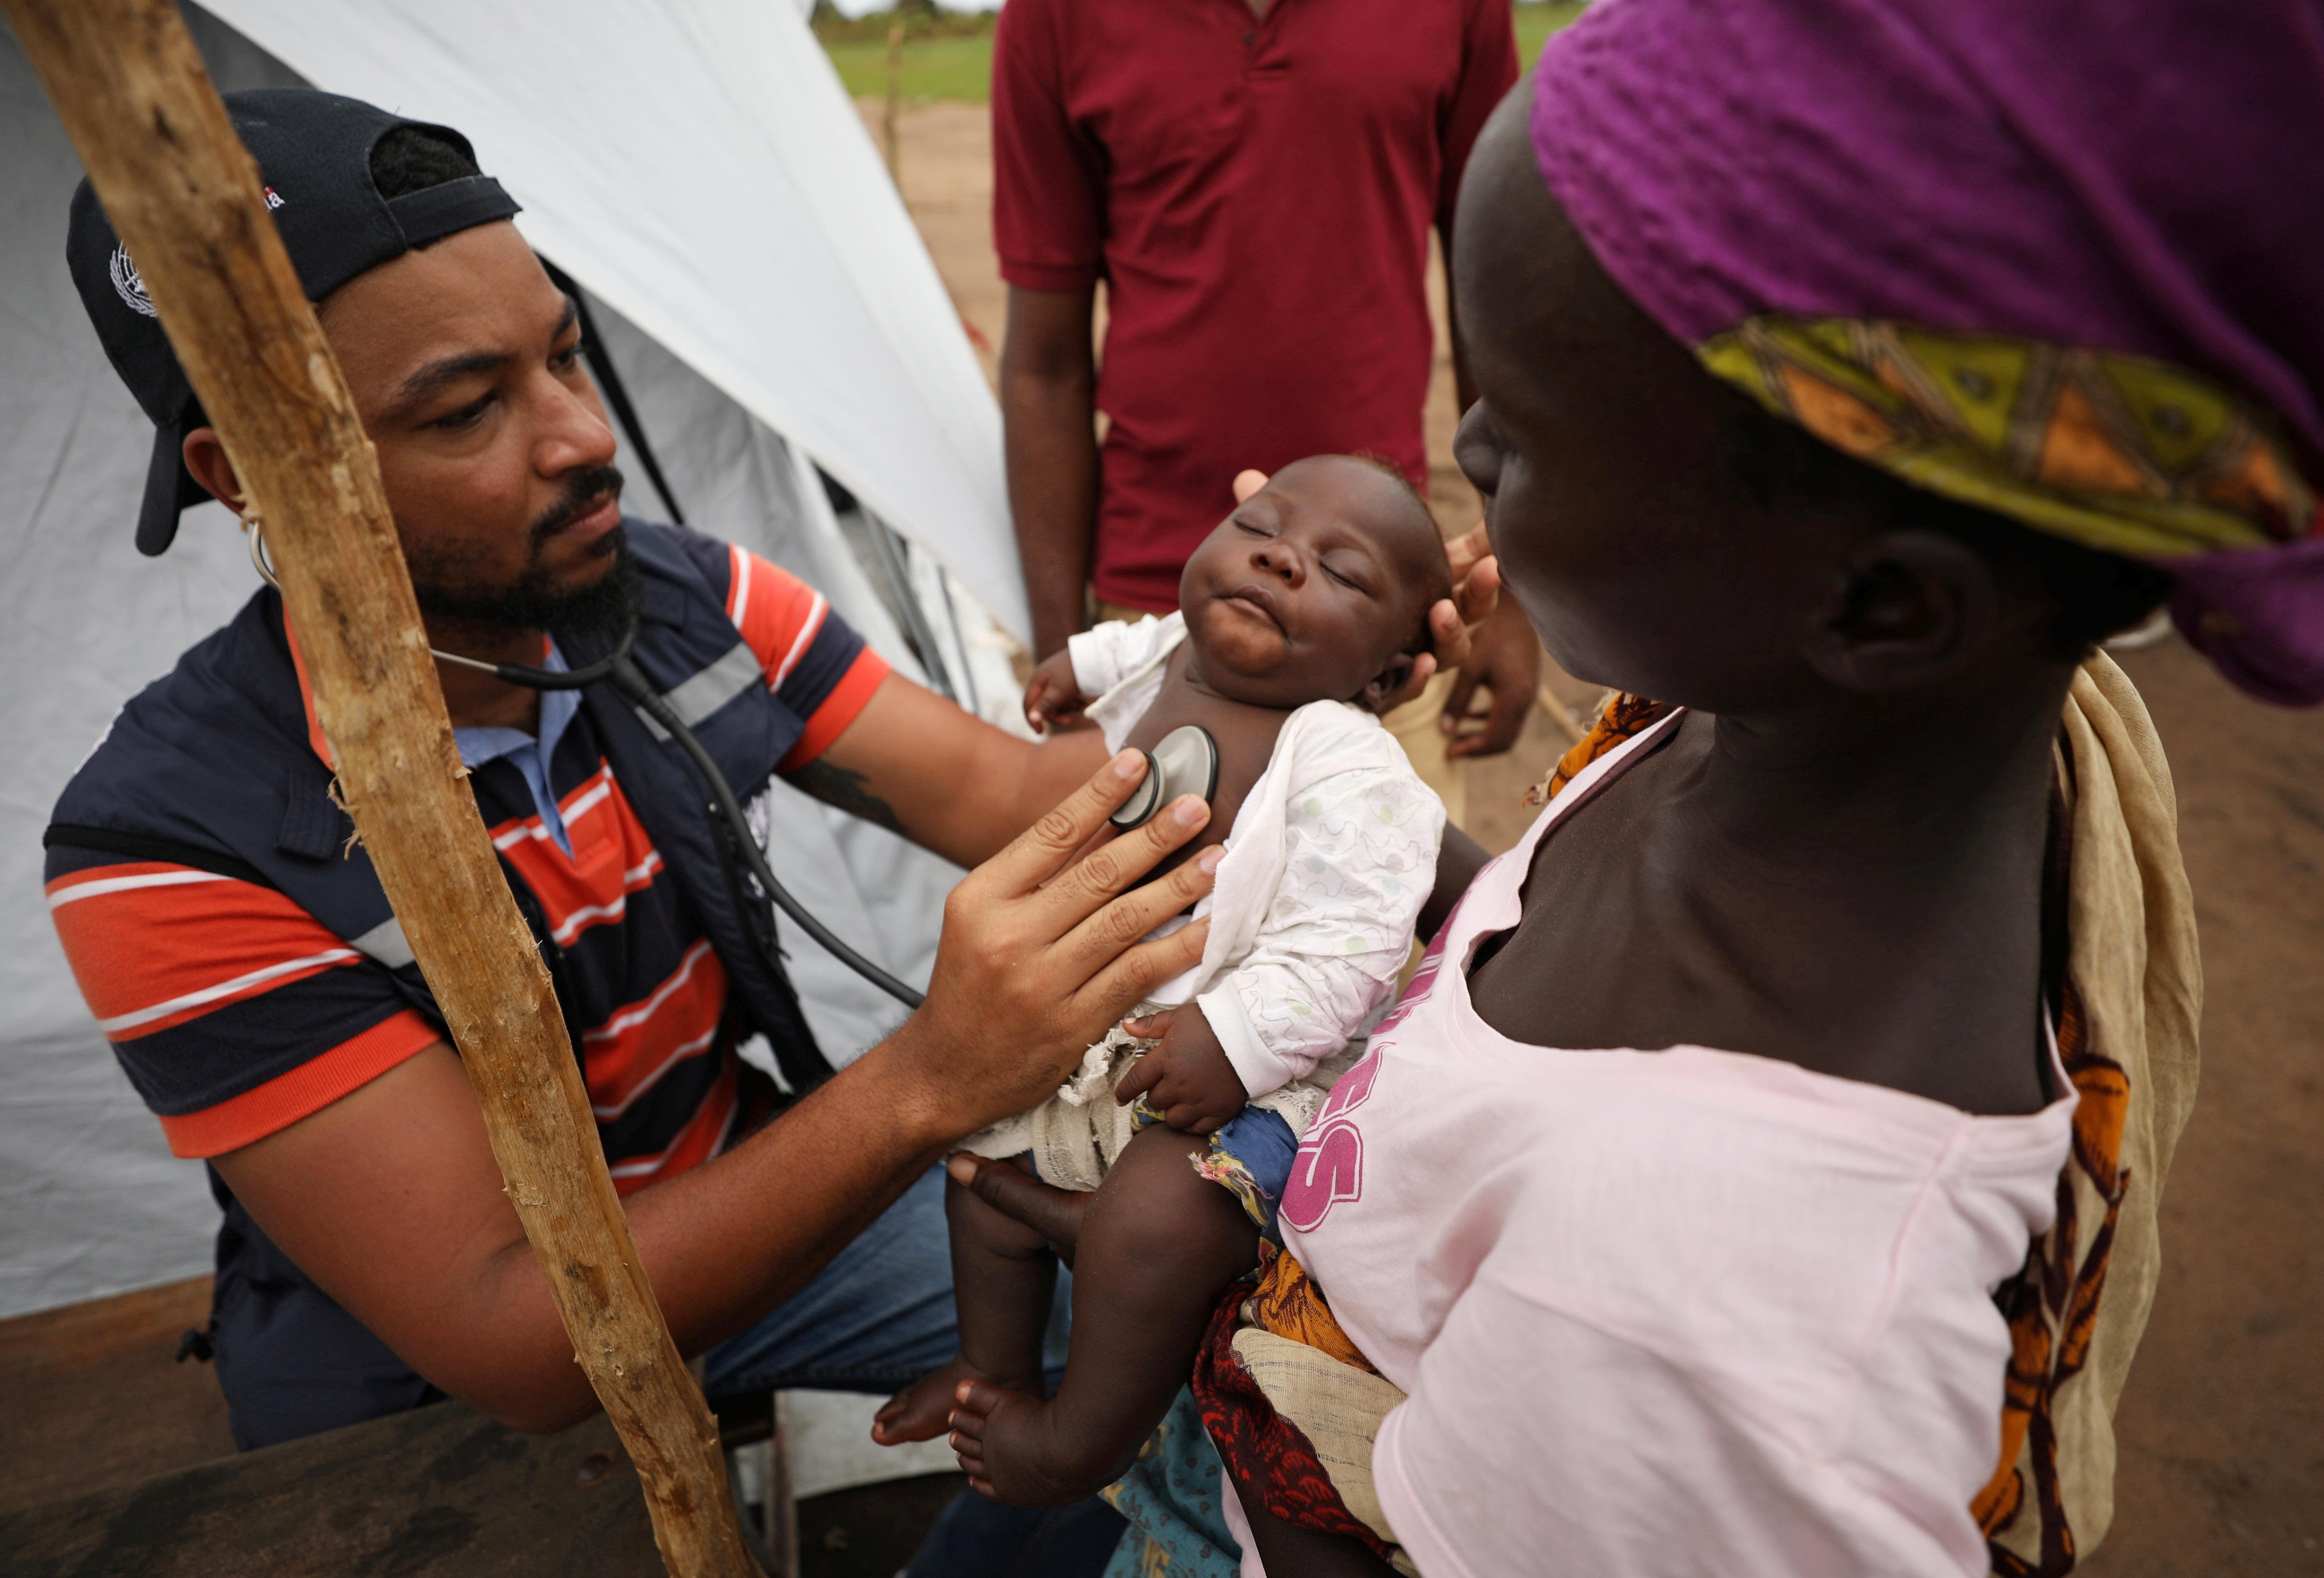 Un médico examina a un niño en un campamento para personas desplazadas por las inundaciones después del ciclón Idai, cerca de Beira, Mozambique. Foto Mike Hutchings, REUTERS (por favor, no vuelva a utilizar esta foto).